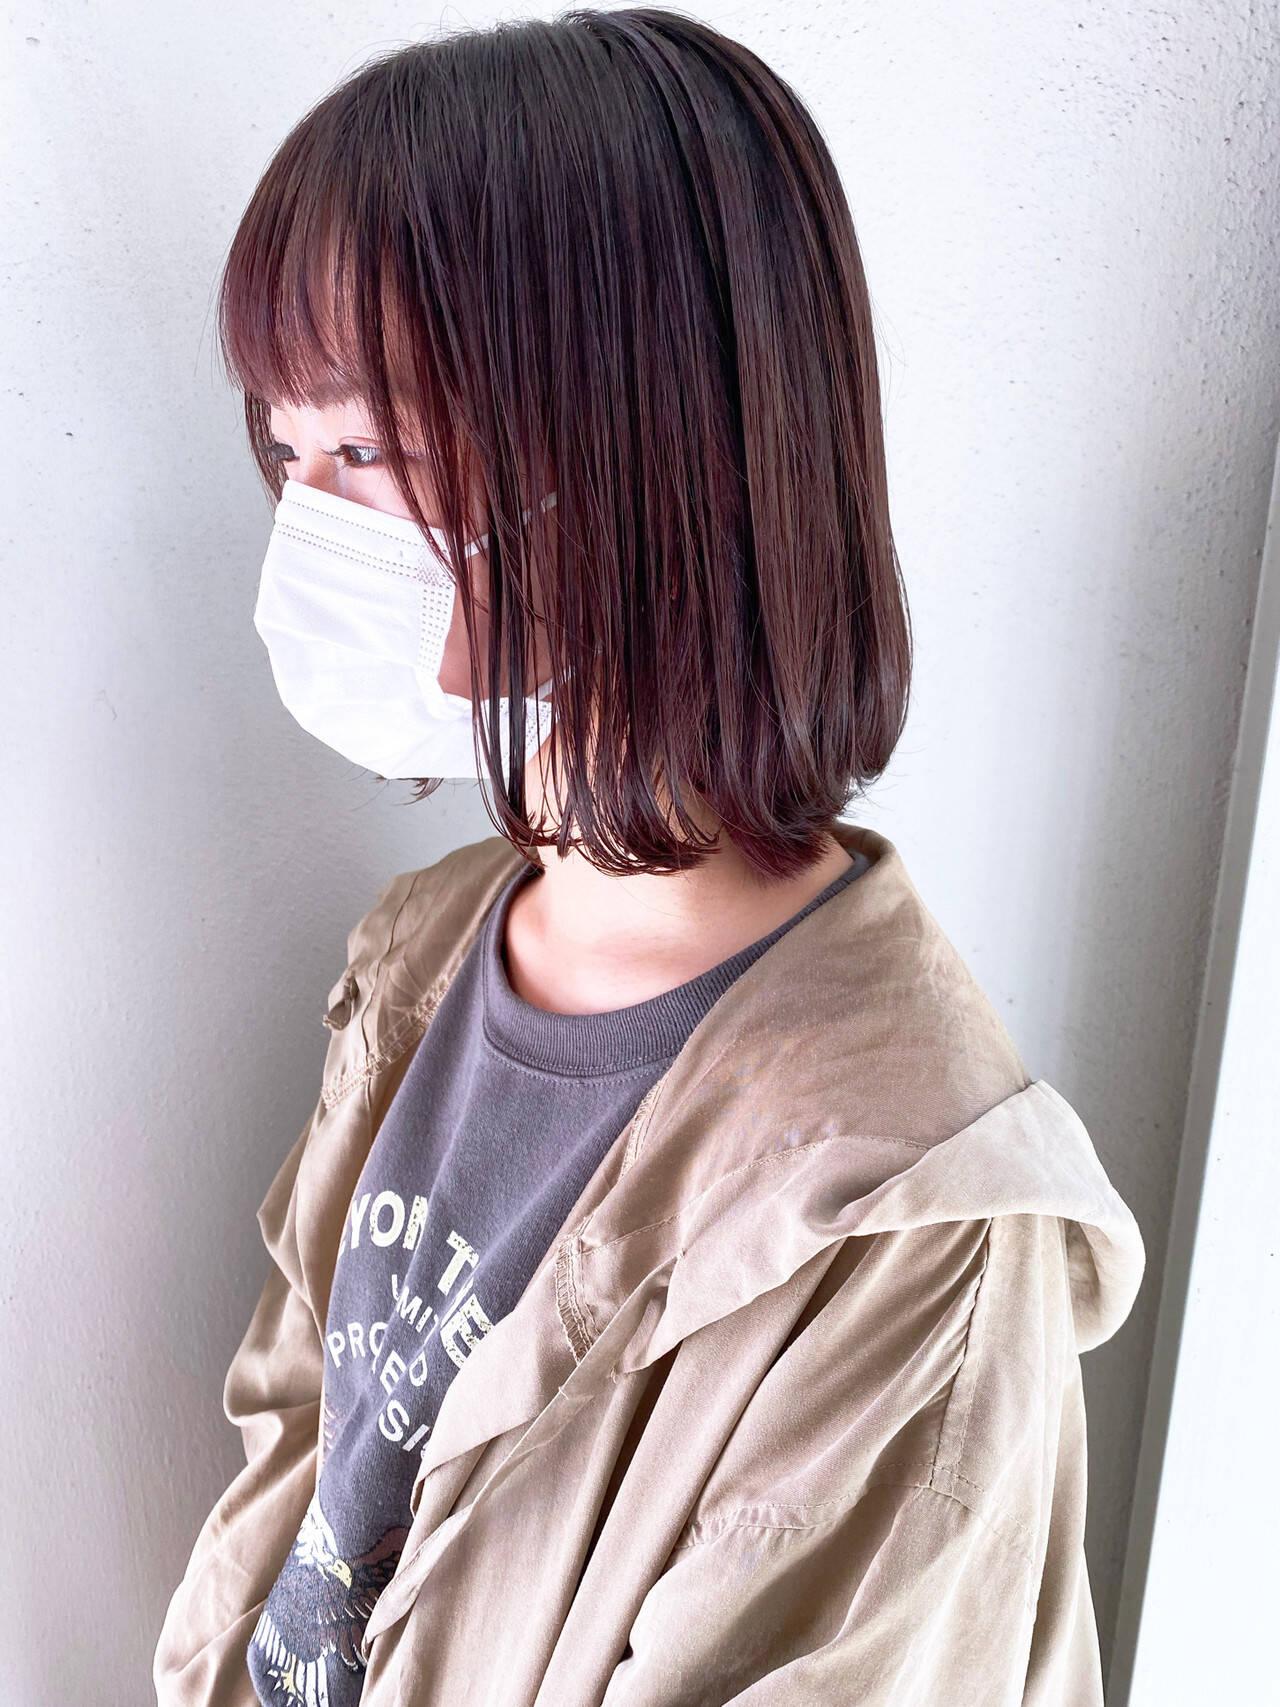 ショートヘア ミルクティーグレージュ ボブ ミニボブヘアスタイルや髪型の写真・画像